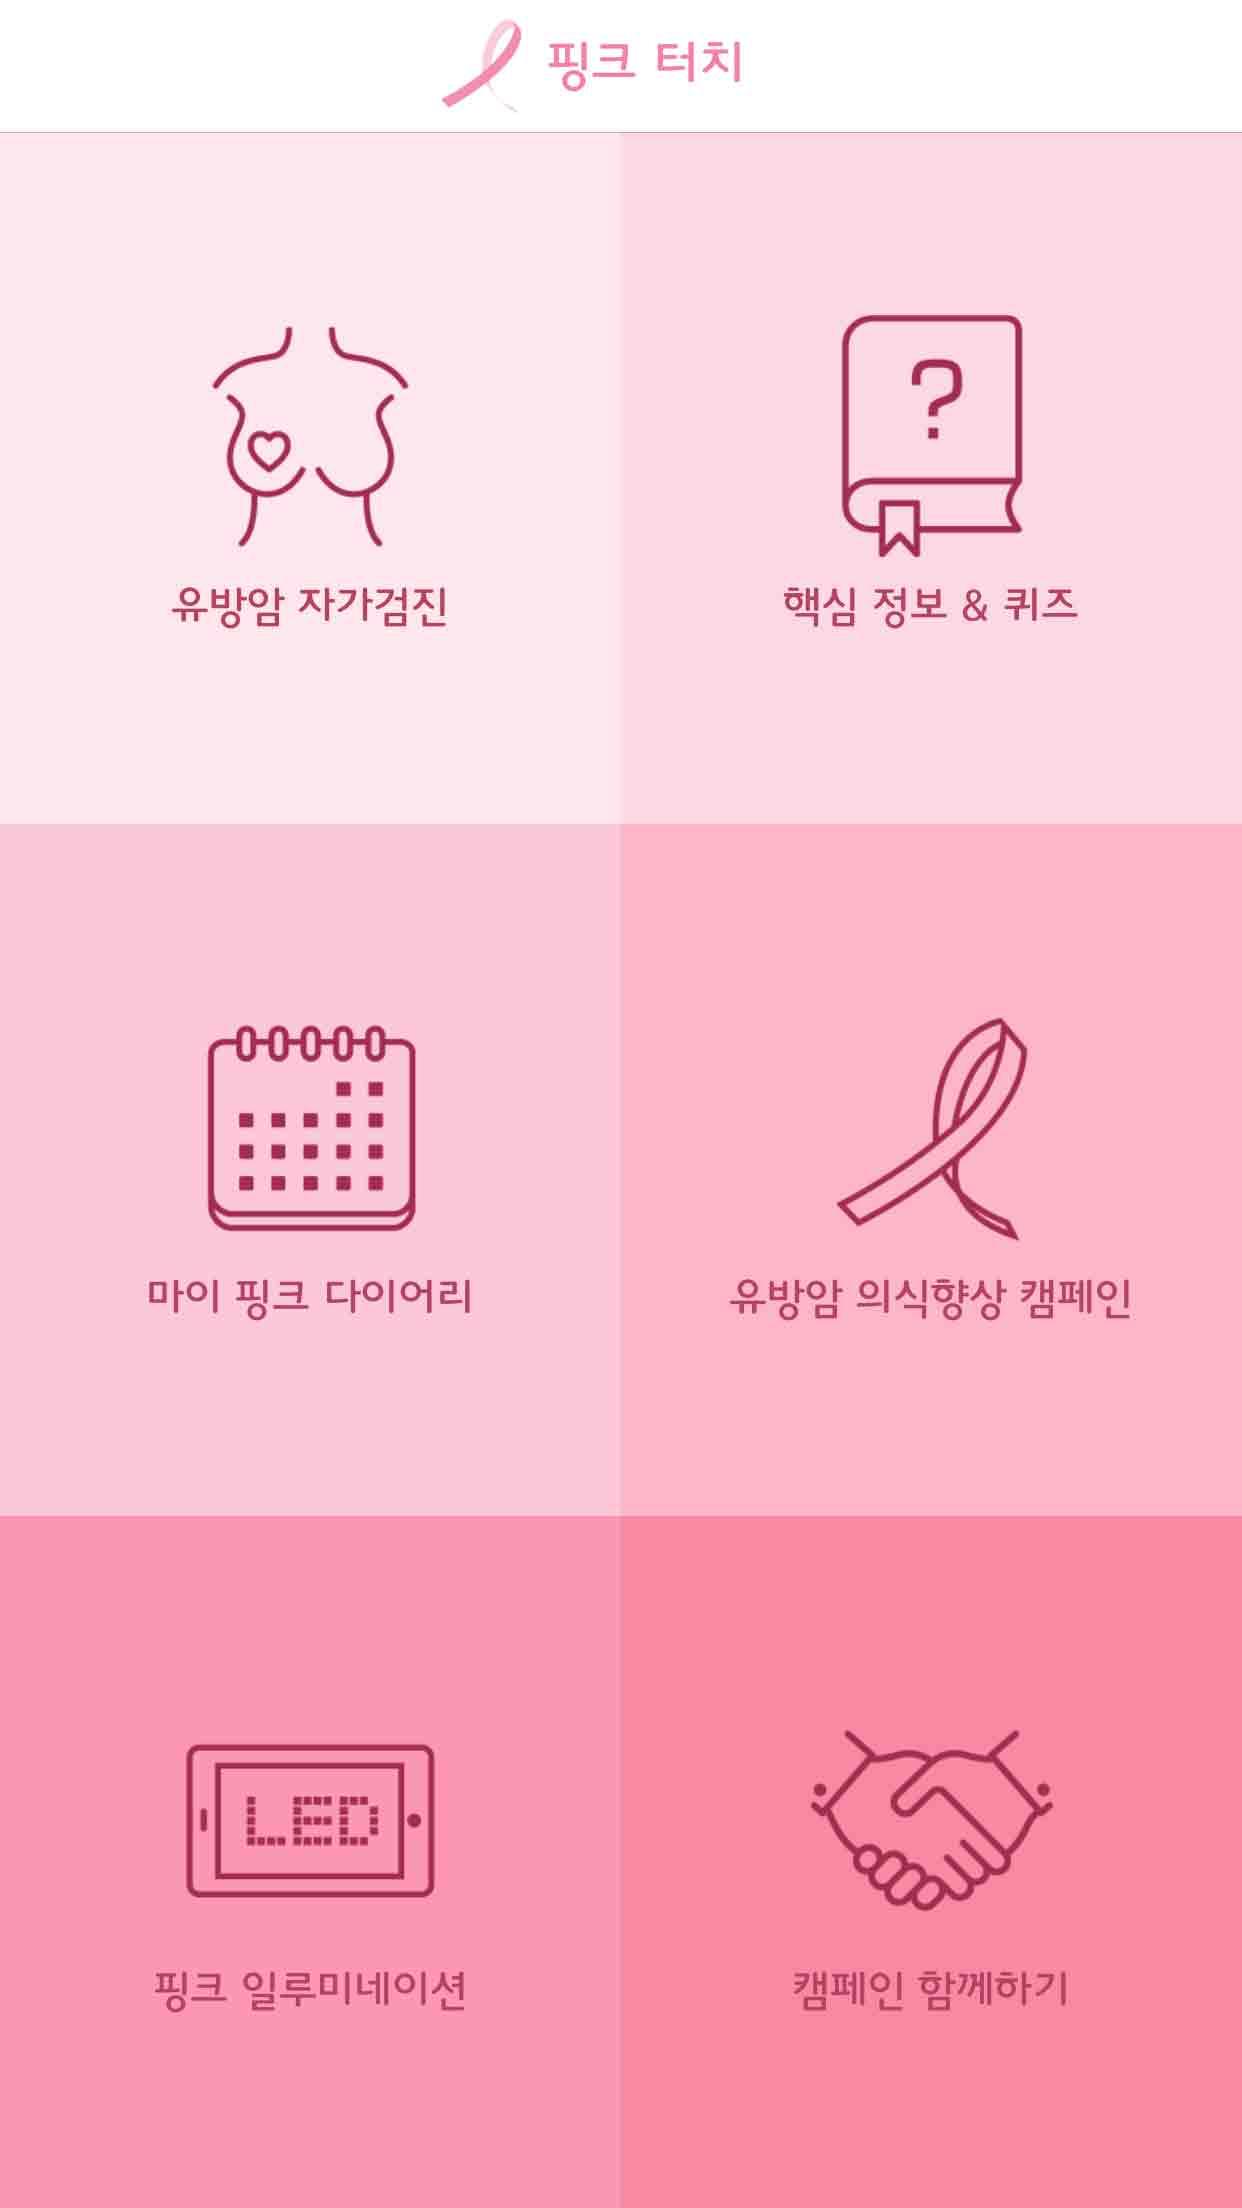 핑크터치 서비스소개